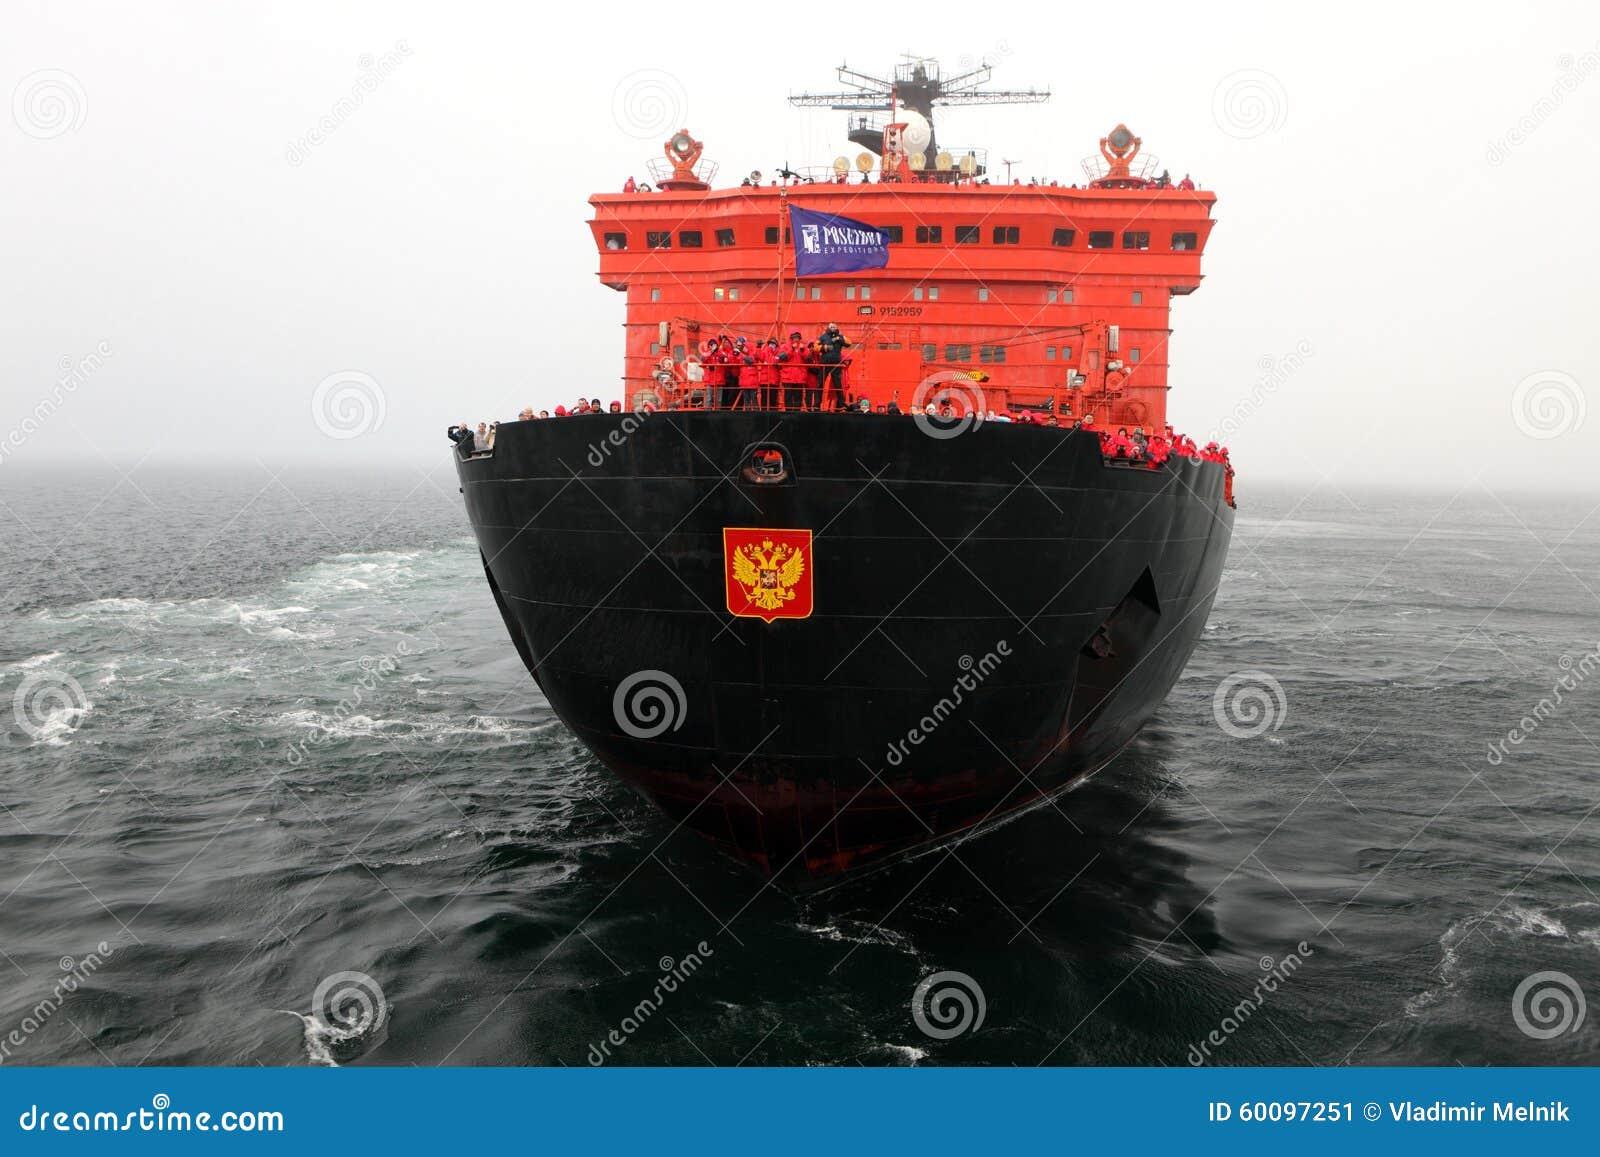 Arktyczny rejs na pokładzie jądrowego icebreaker